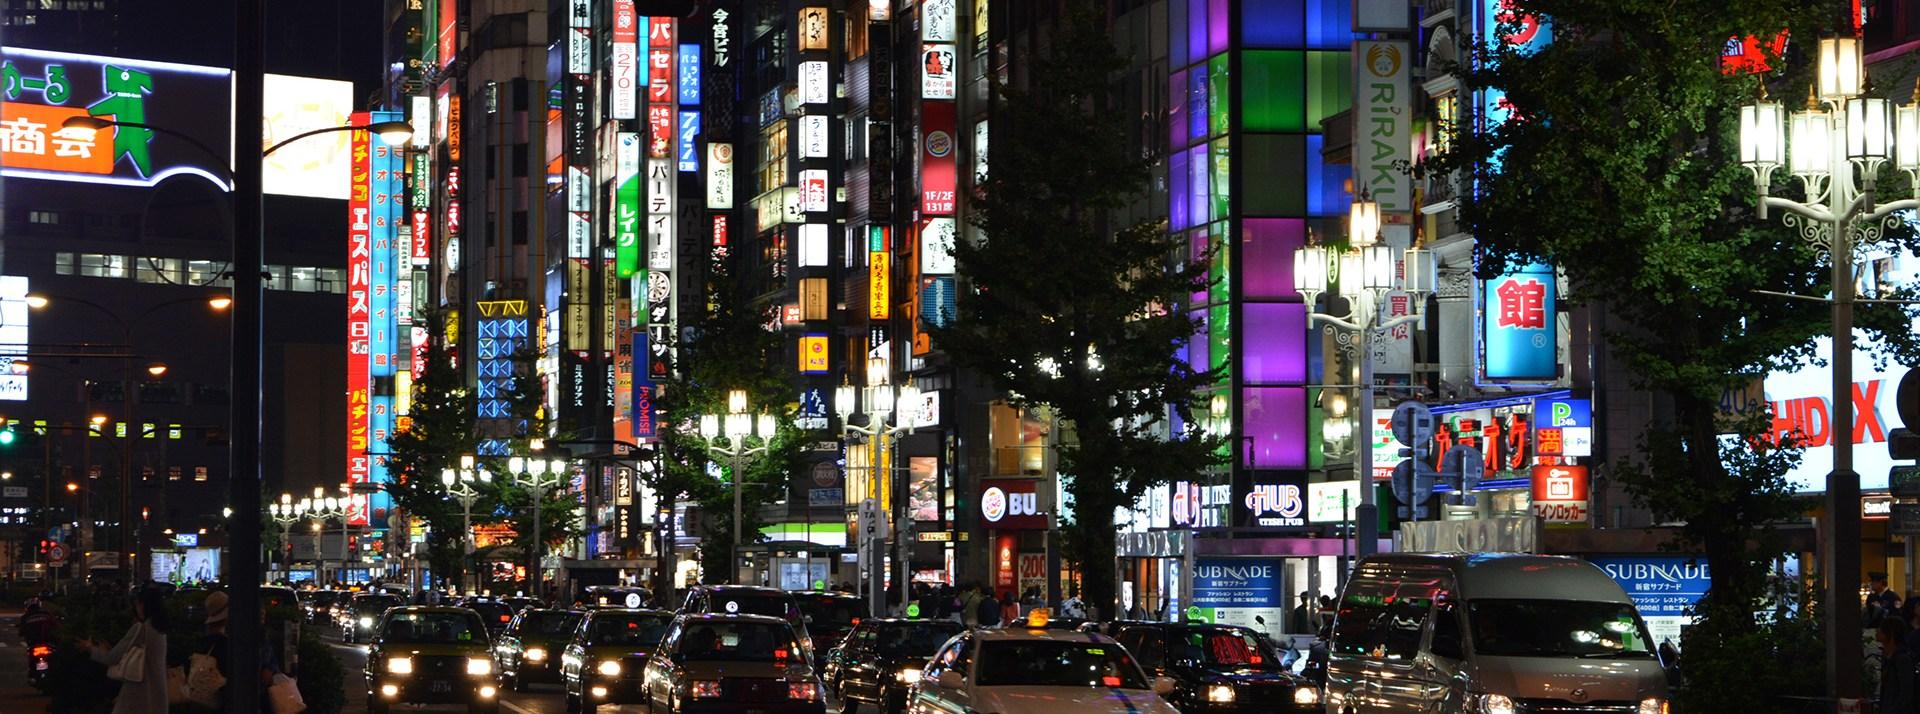 Konnichiwa Tokyo, Japan!